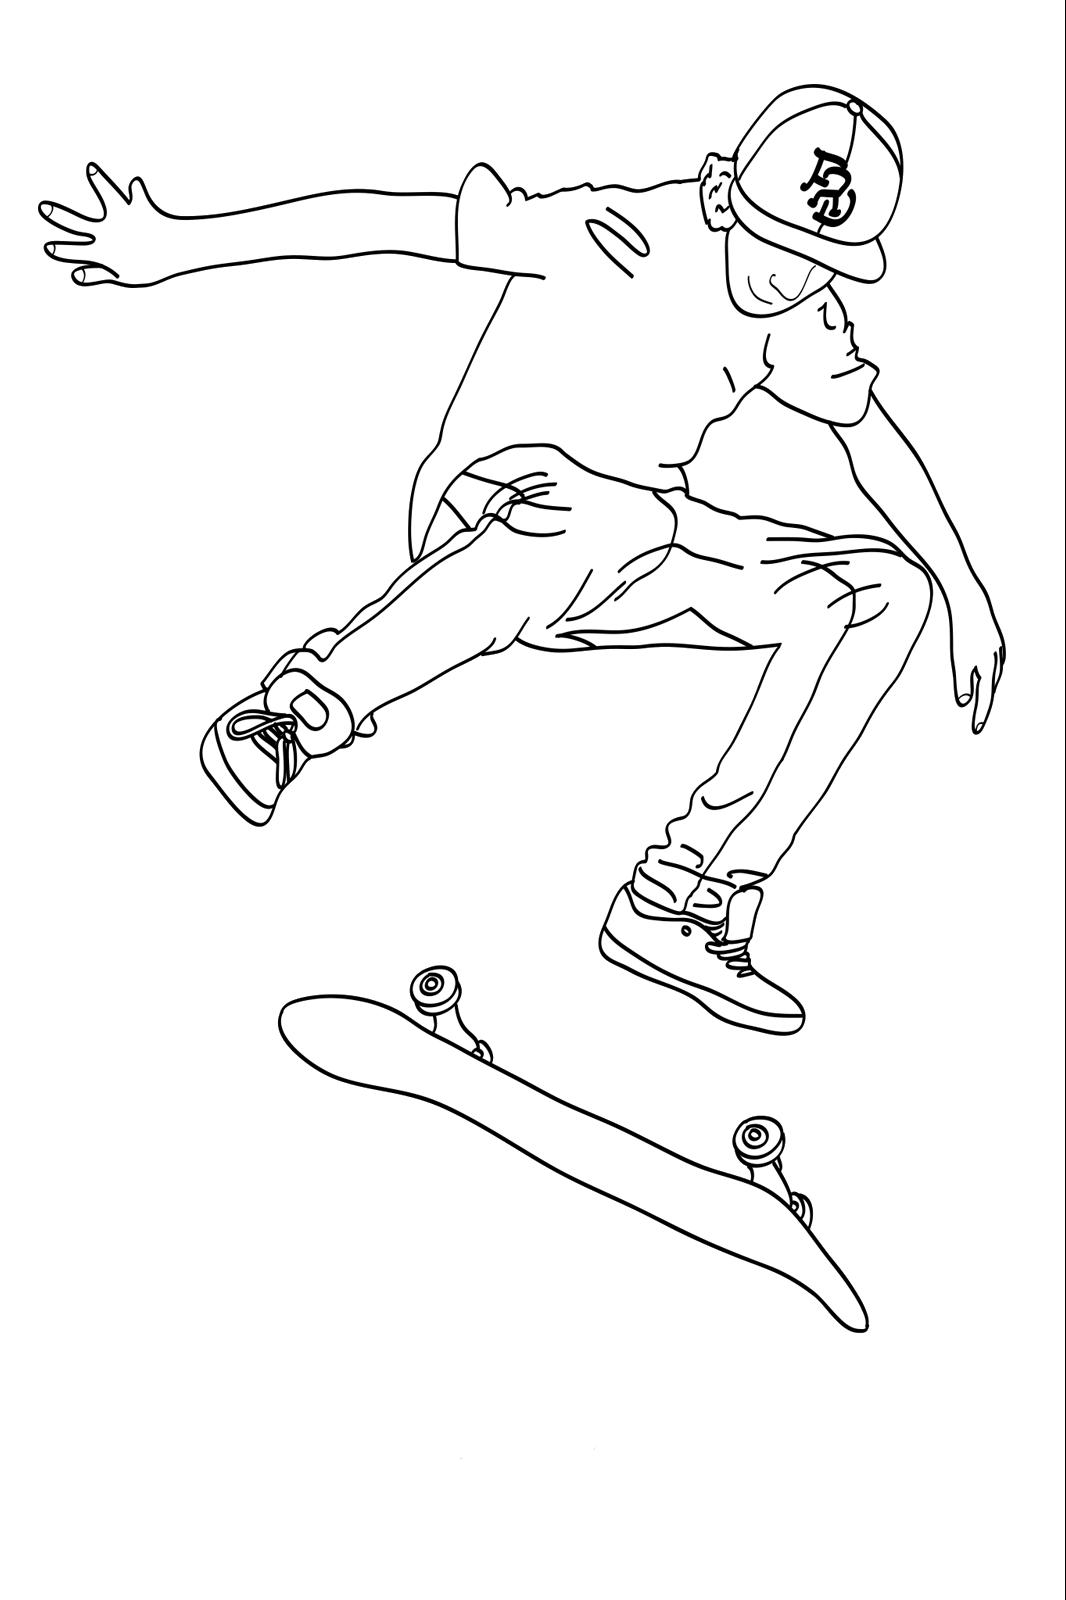 Skateboard Play Using The Cap Skateboard Ausmalbilder